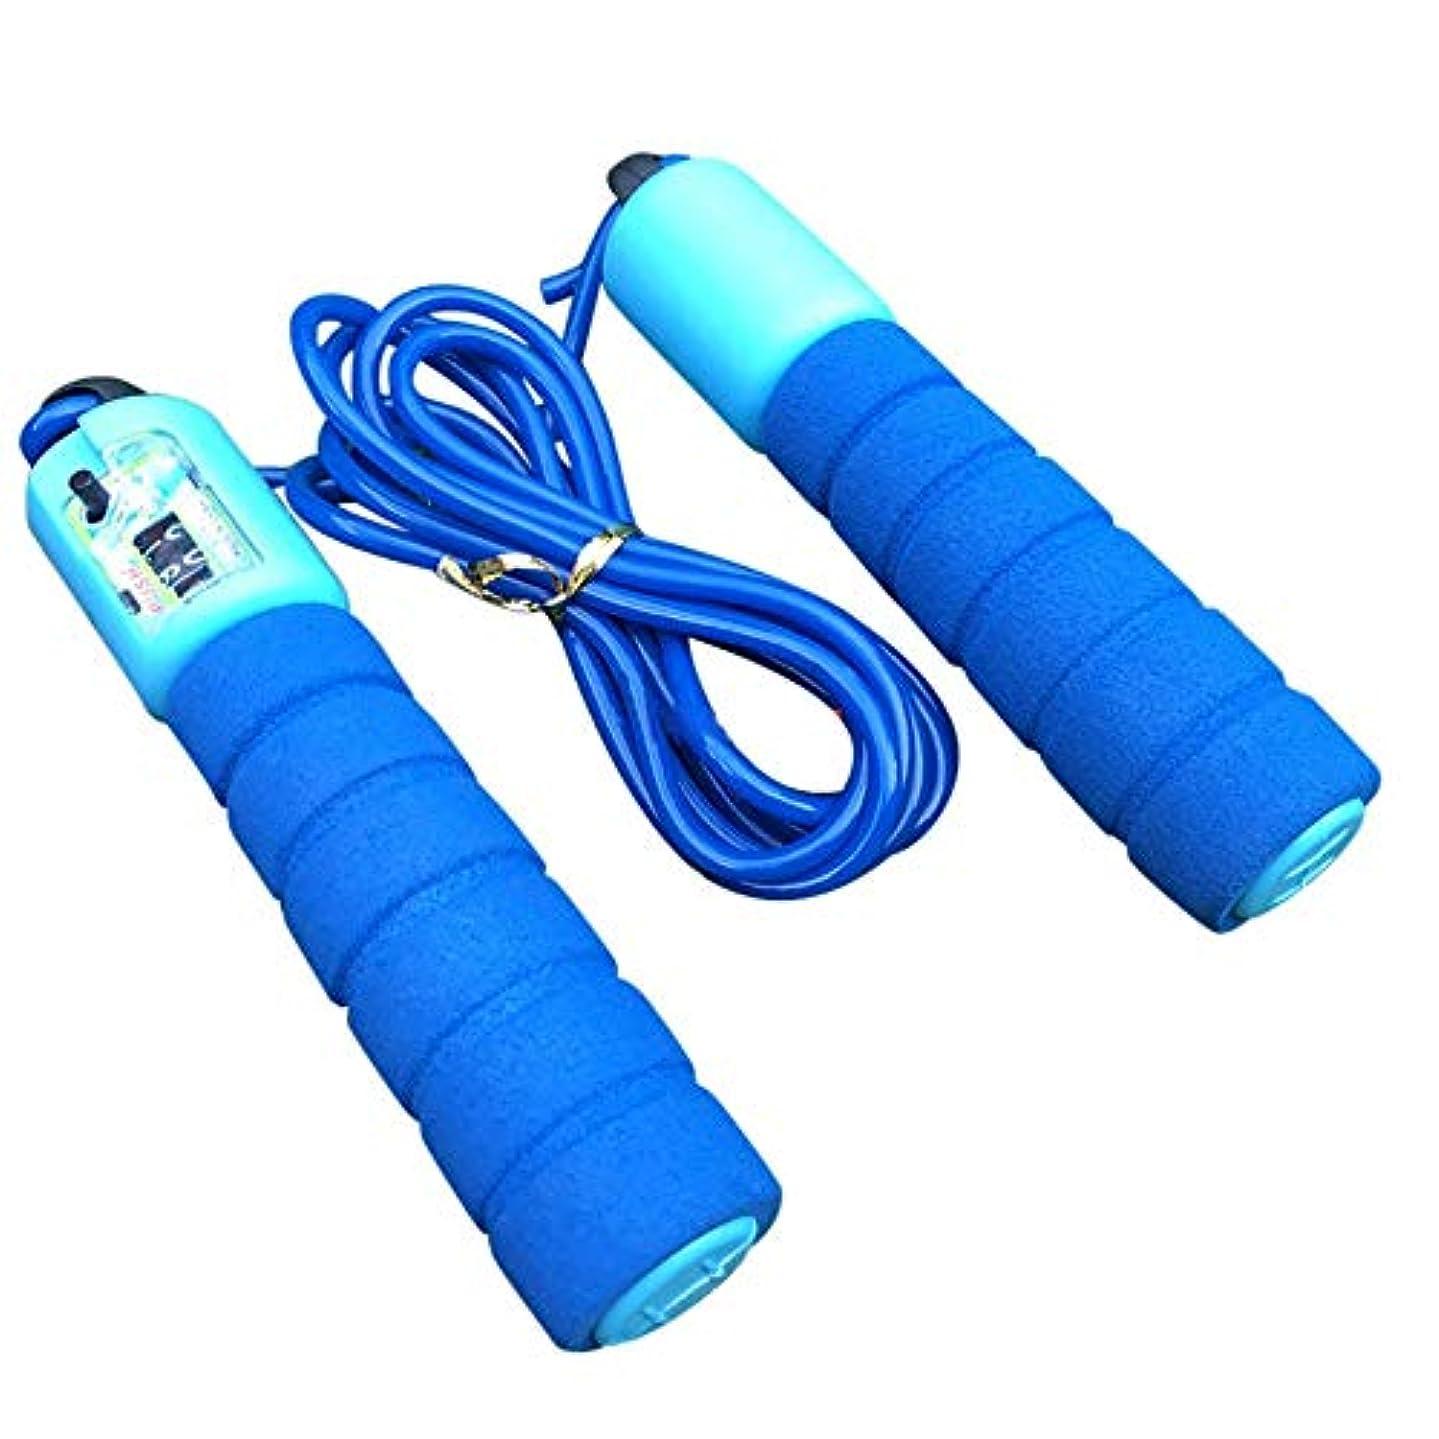 土曜日症状グリル調整可能なプロフェッショナルカウント縄跳び自動カウントジャンプロープフィットネス運動高速カウントジャンプロープ - 青